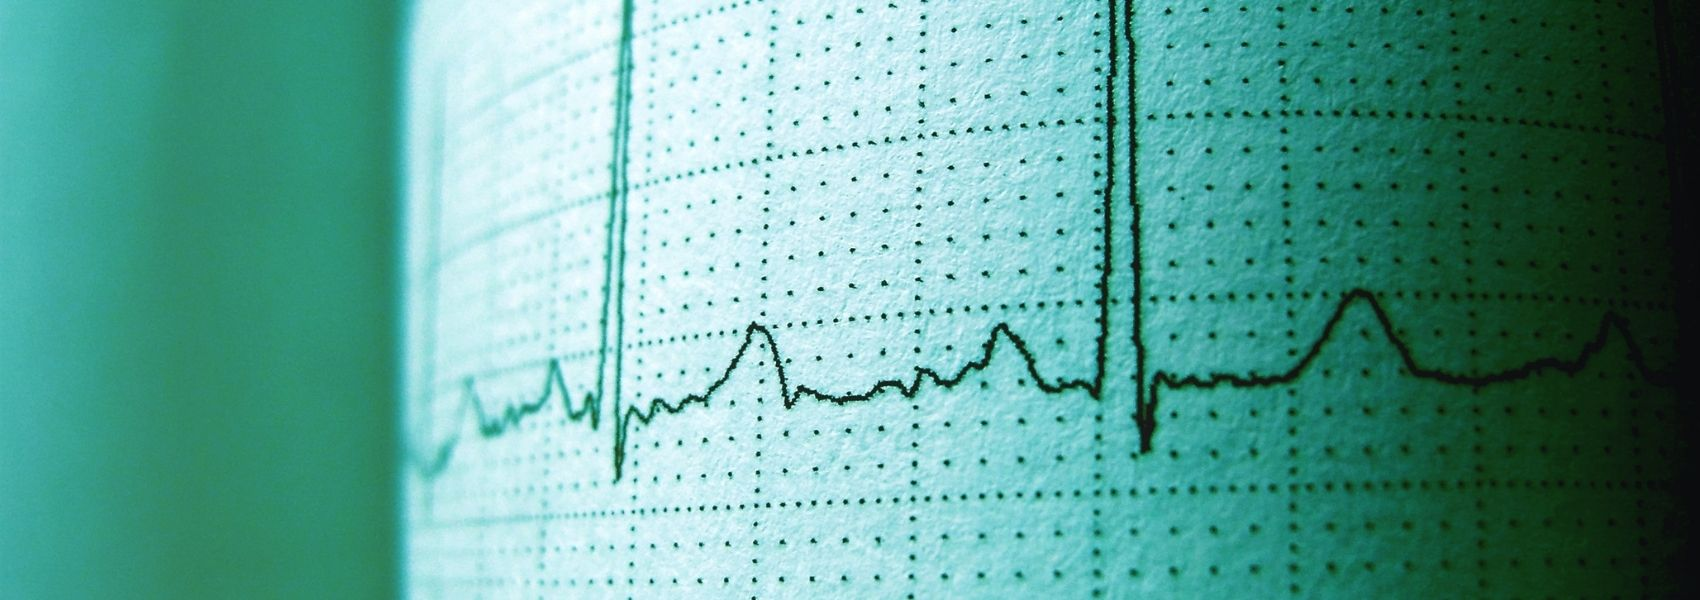 Negados tratamentos eficazes a idosos com insuficiência cardíaca